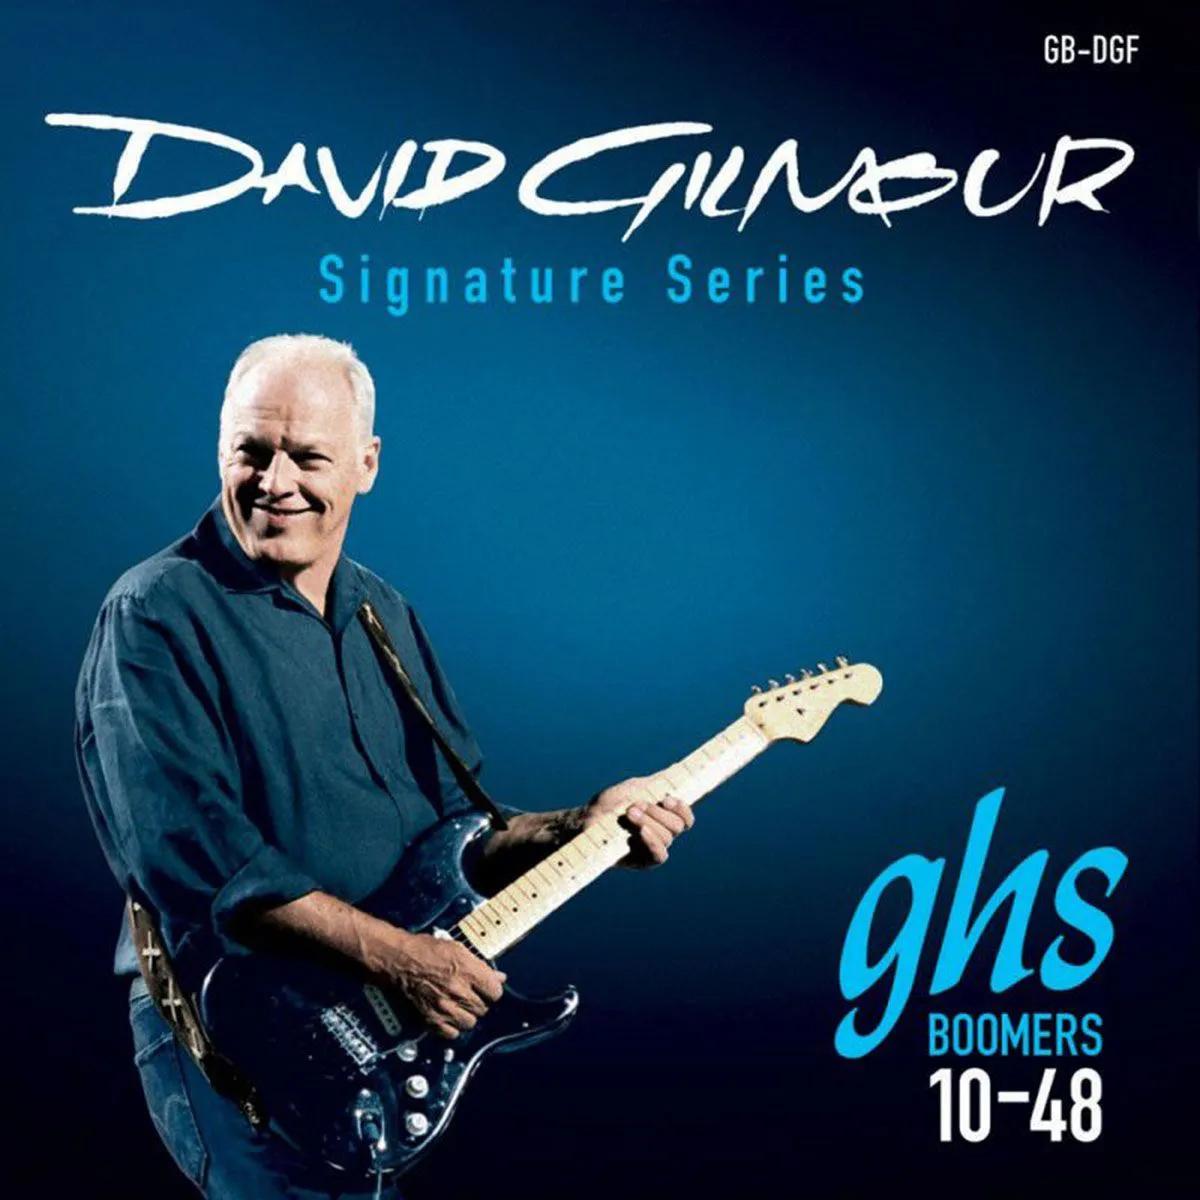 Encordoamento GHS Boomers 010/048 GB DGF para Guitarra